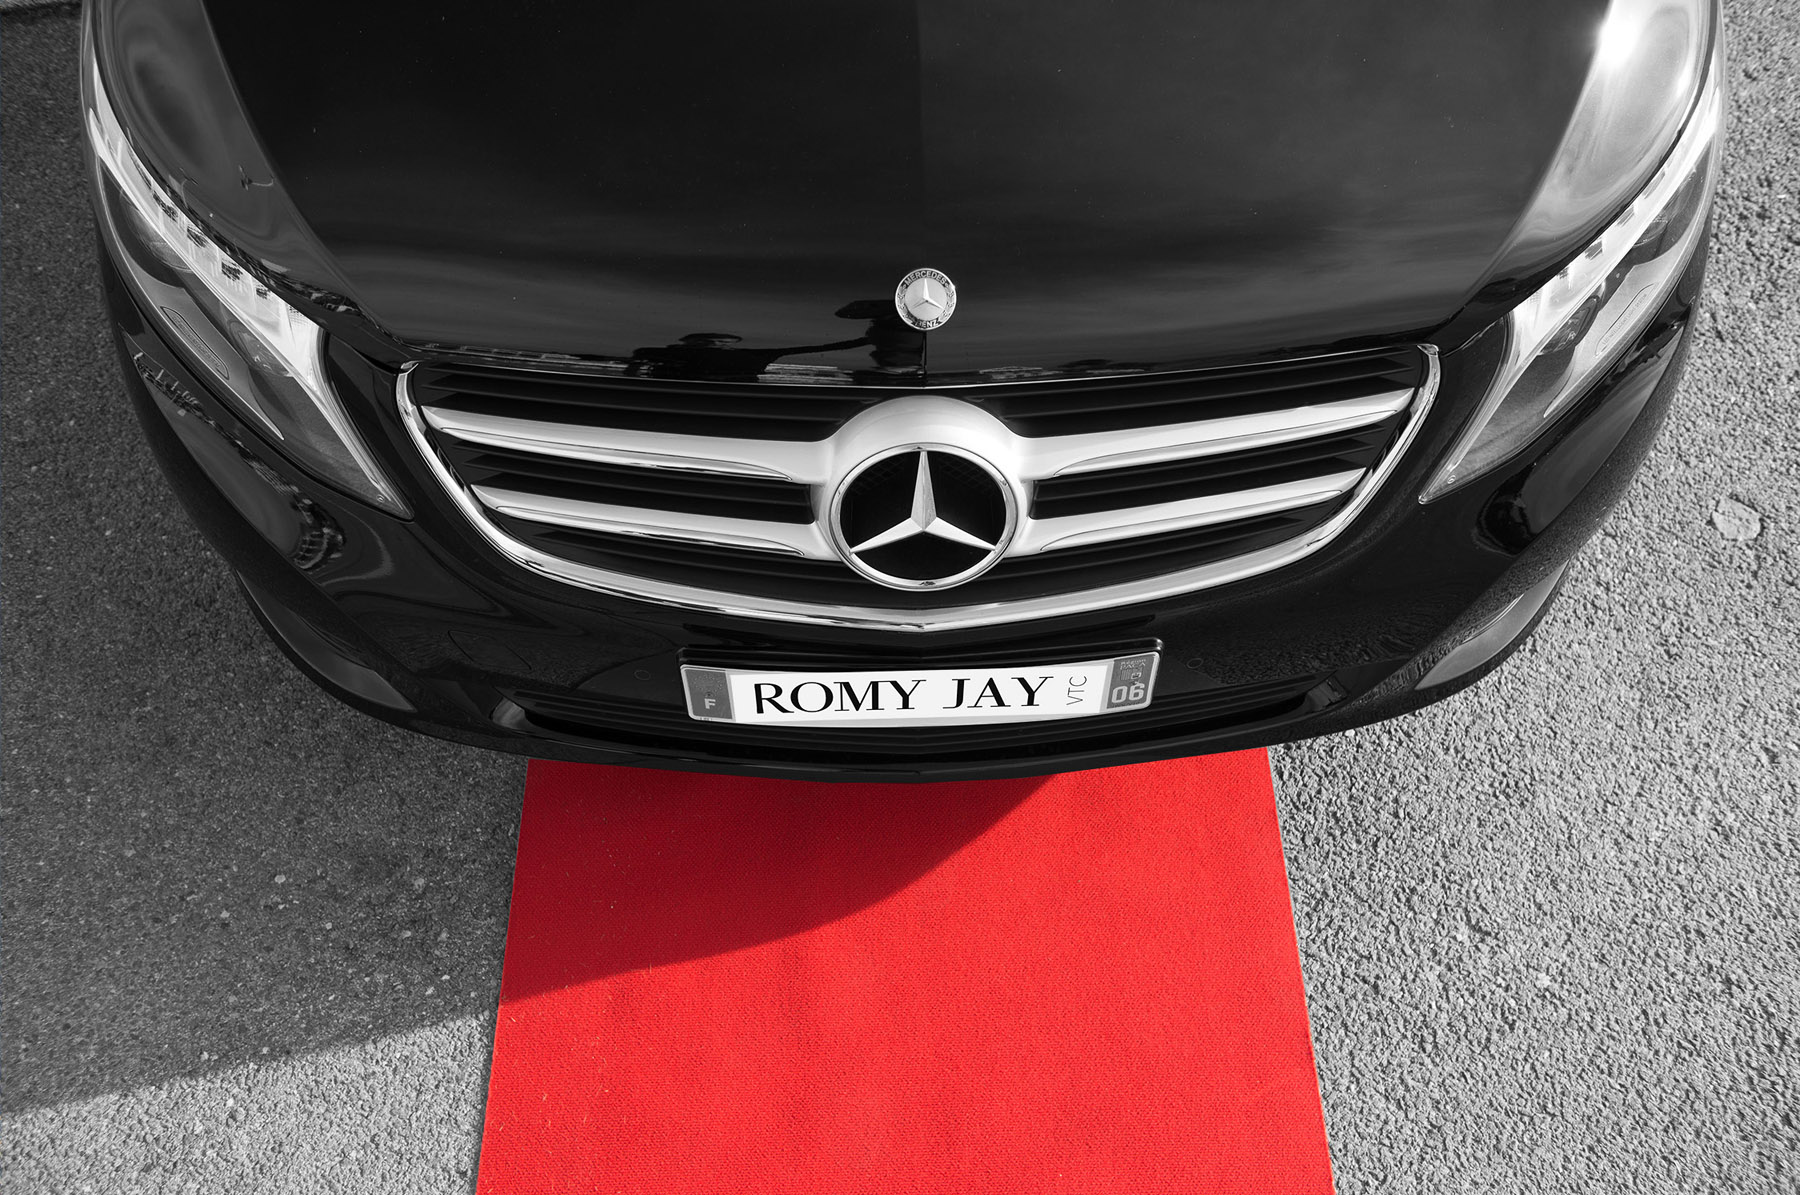 Romy Jay vtc - Location de voiture avec chauffeur Nice 06 - Voiture avec chauffeur privé - Mercedes